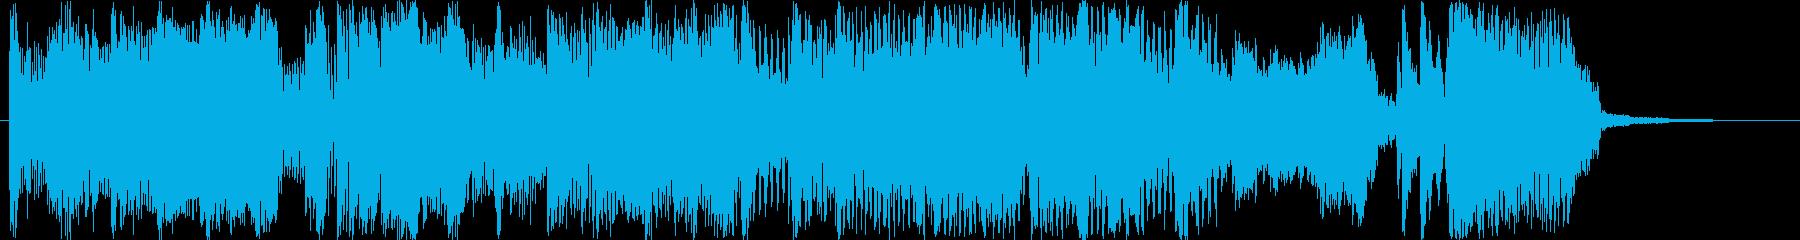 15秒アコーディオンジングルCMの再生済みの波形